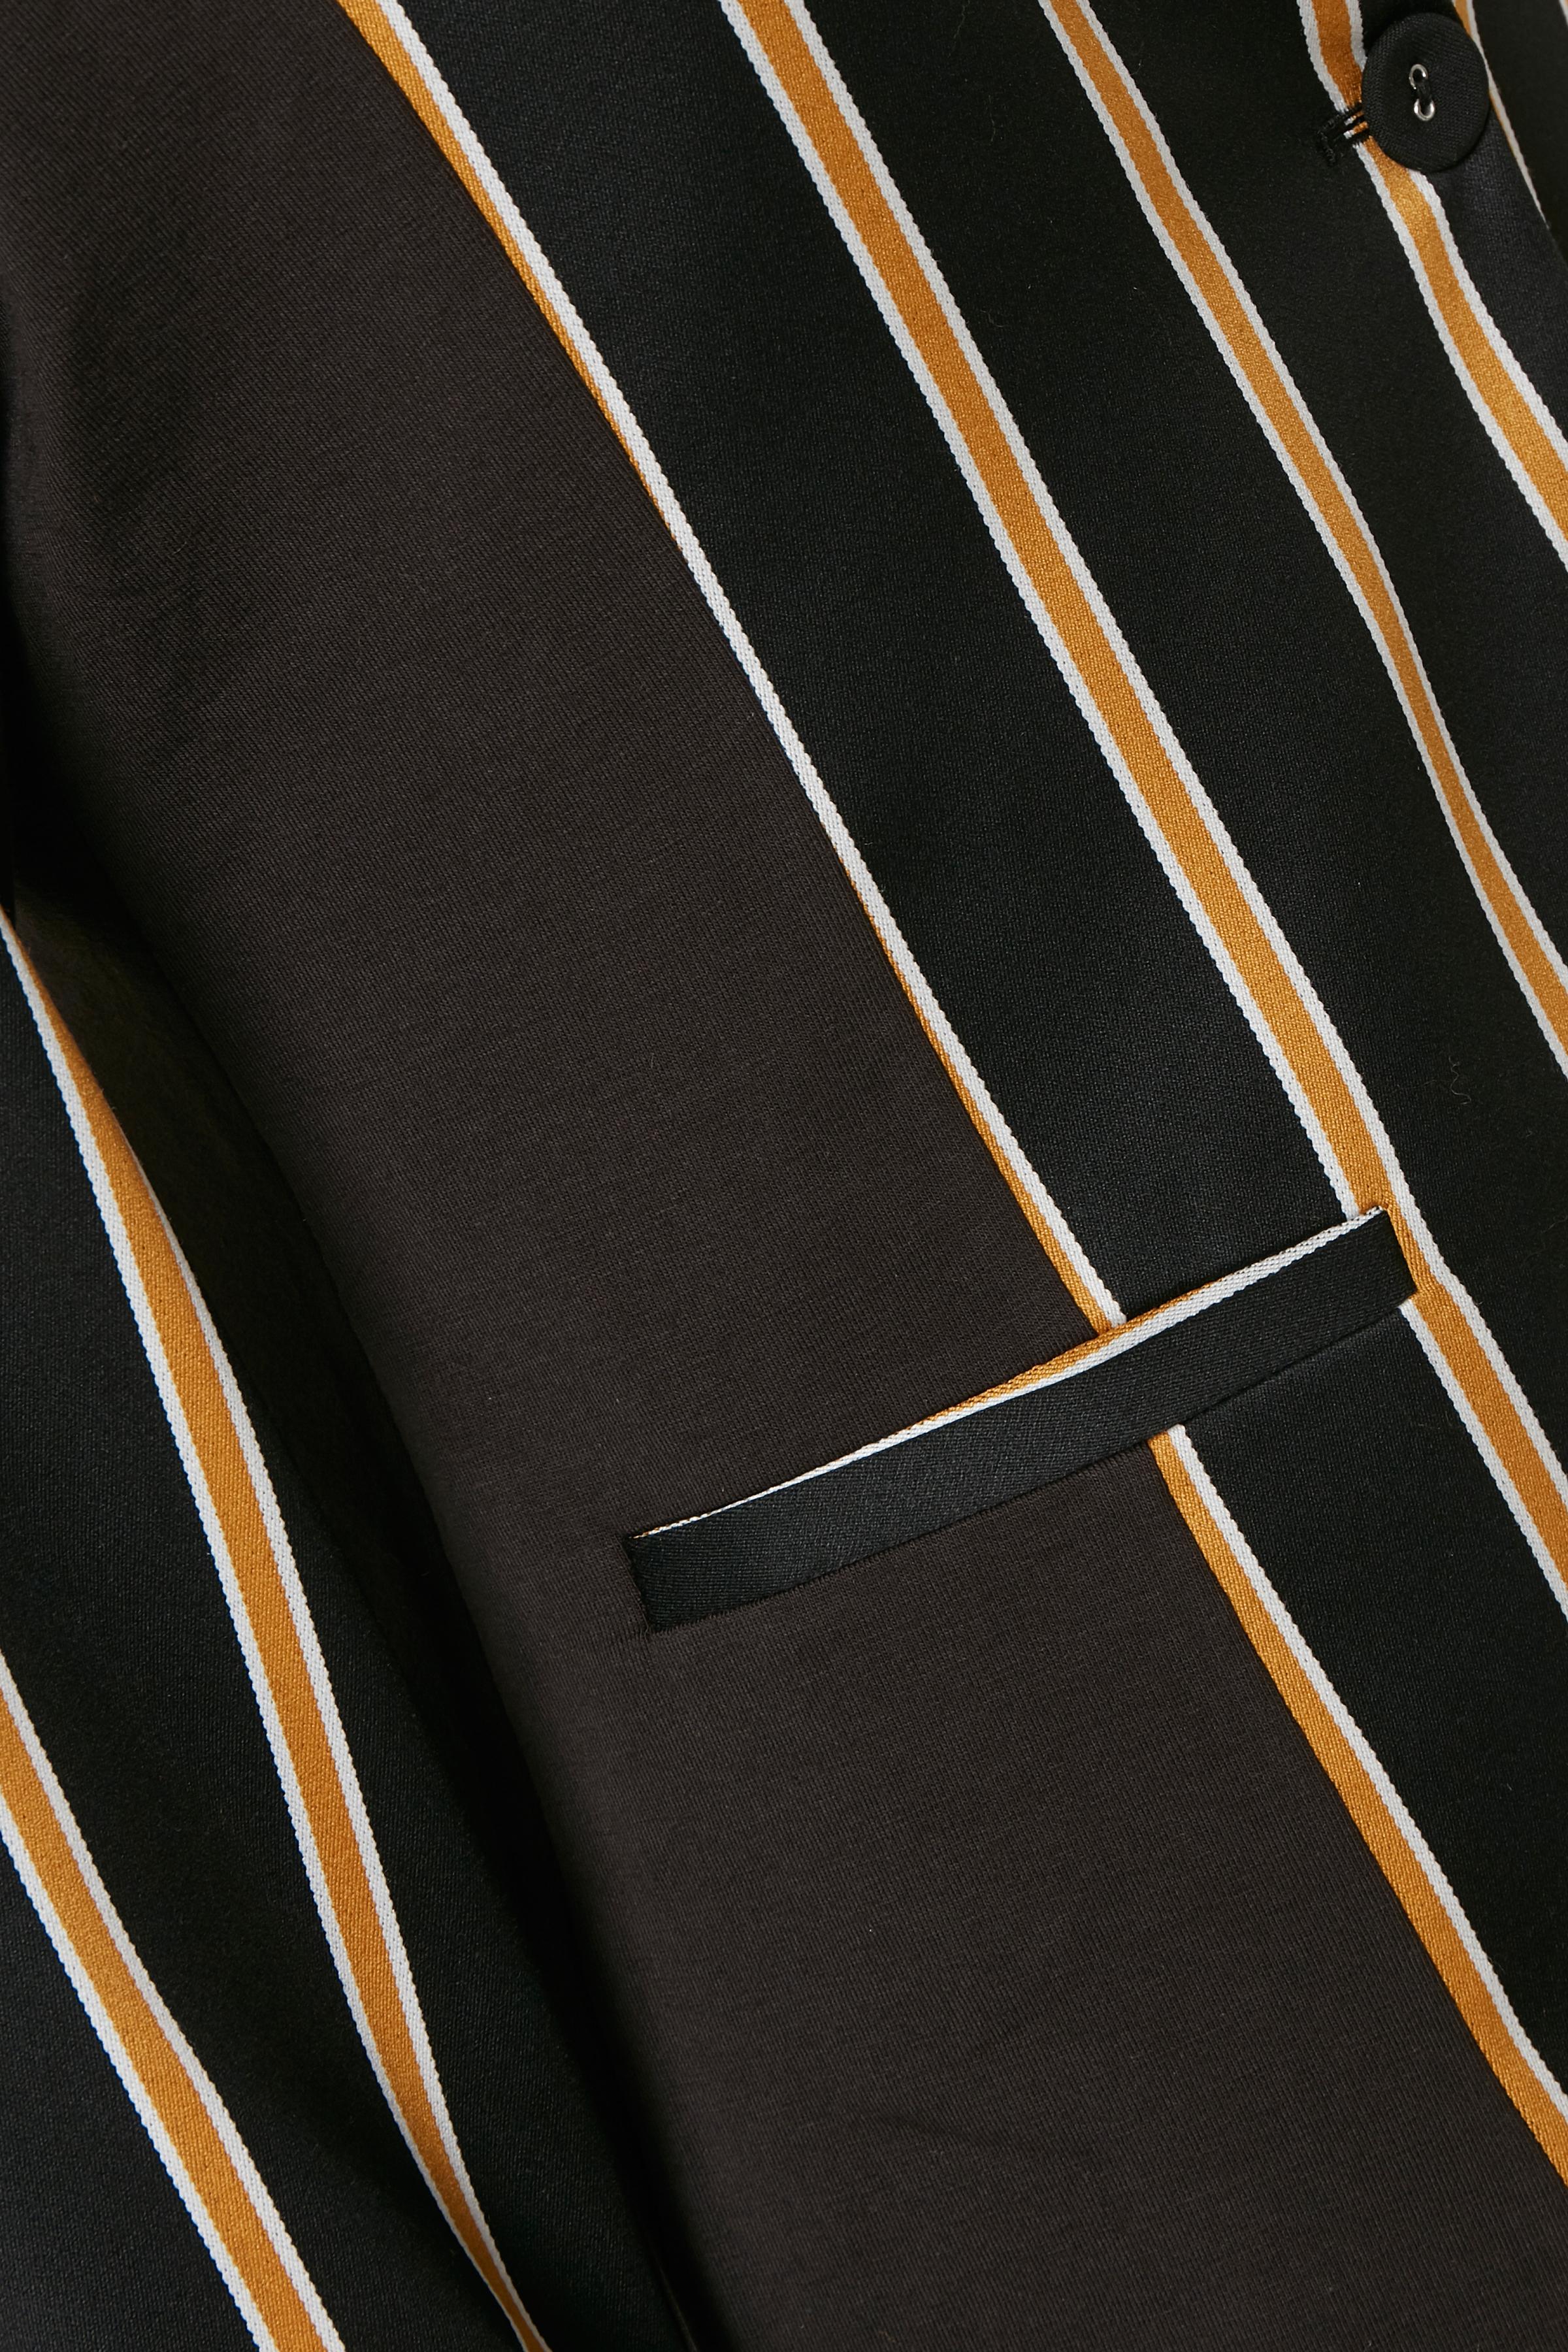 Sort/mørk karry Blazer fra Kaffe – Køb Sort/mørk karry Blazer fra str. 32-46 her